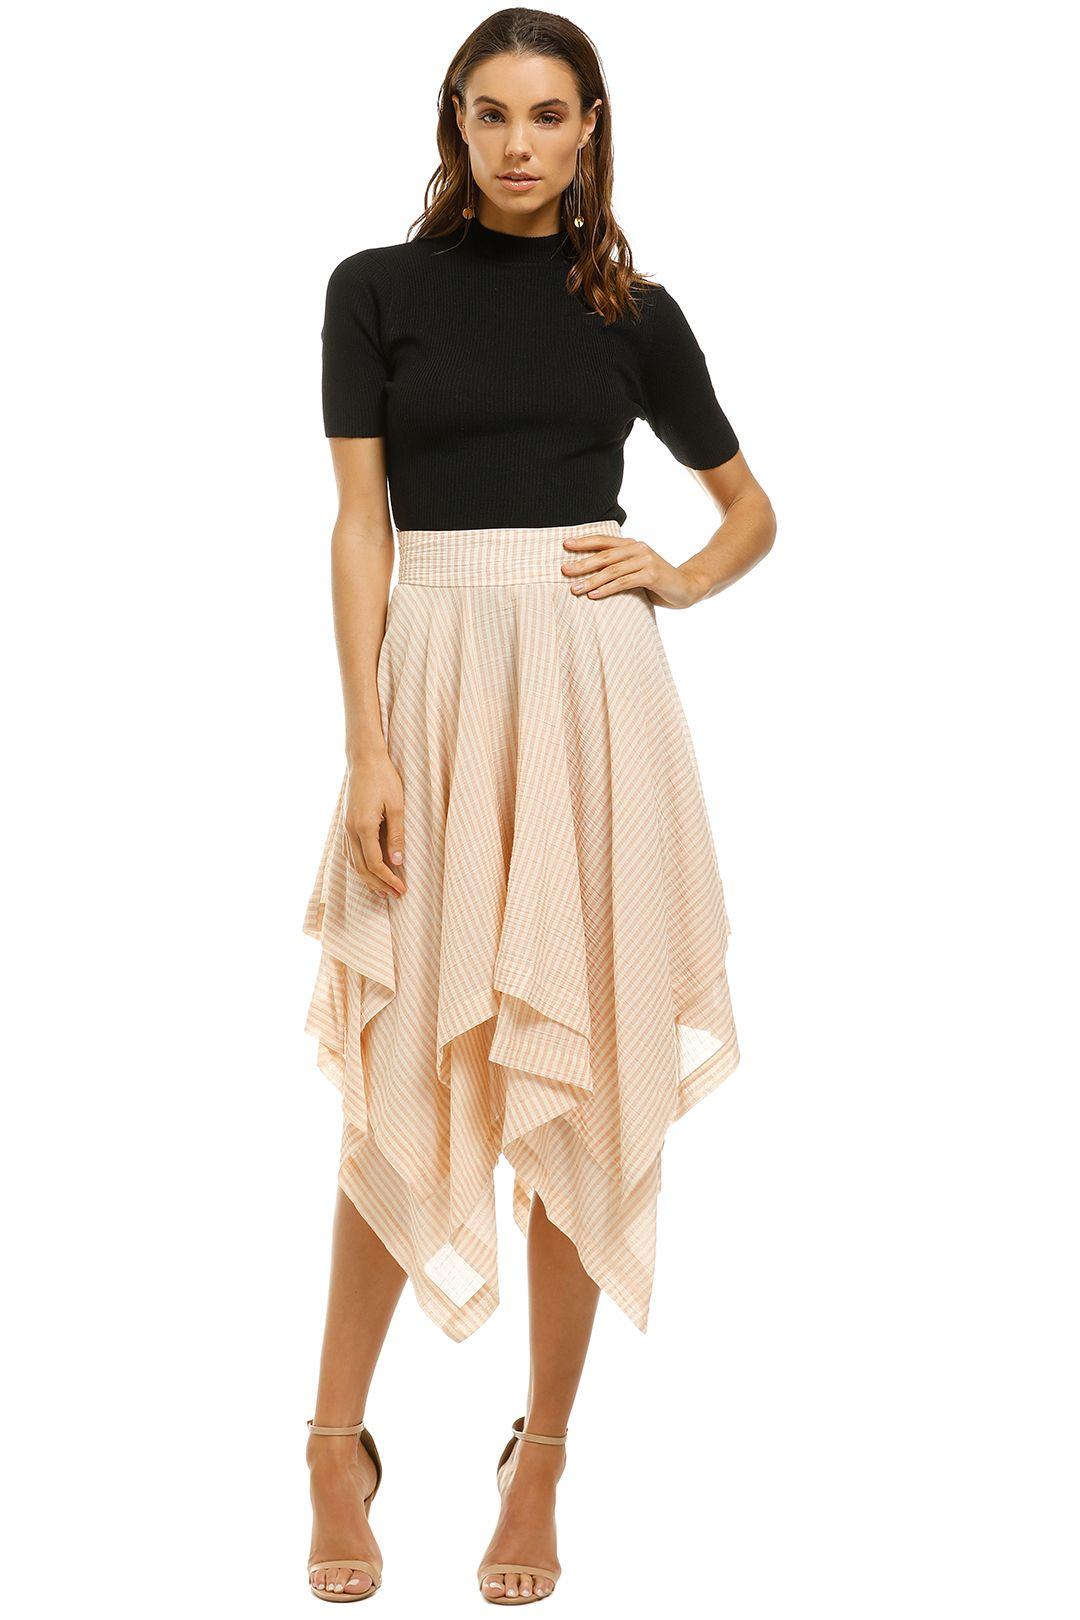 KITX - Noble Stripe Skirt - Beige - Front